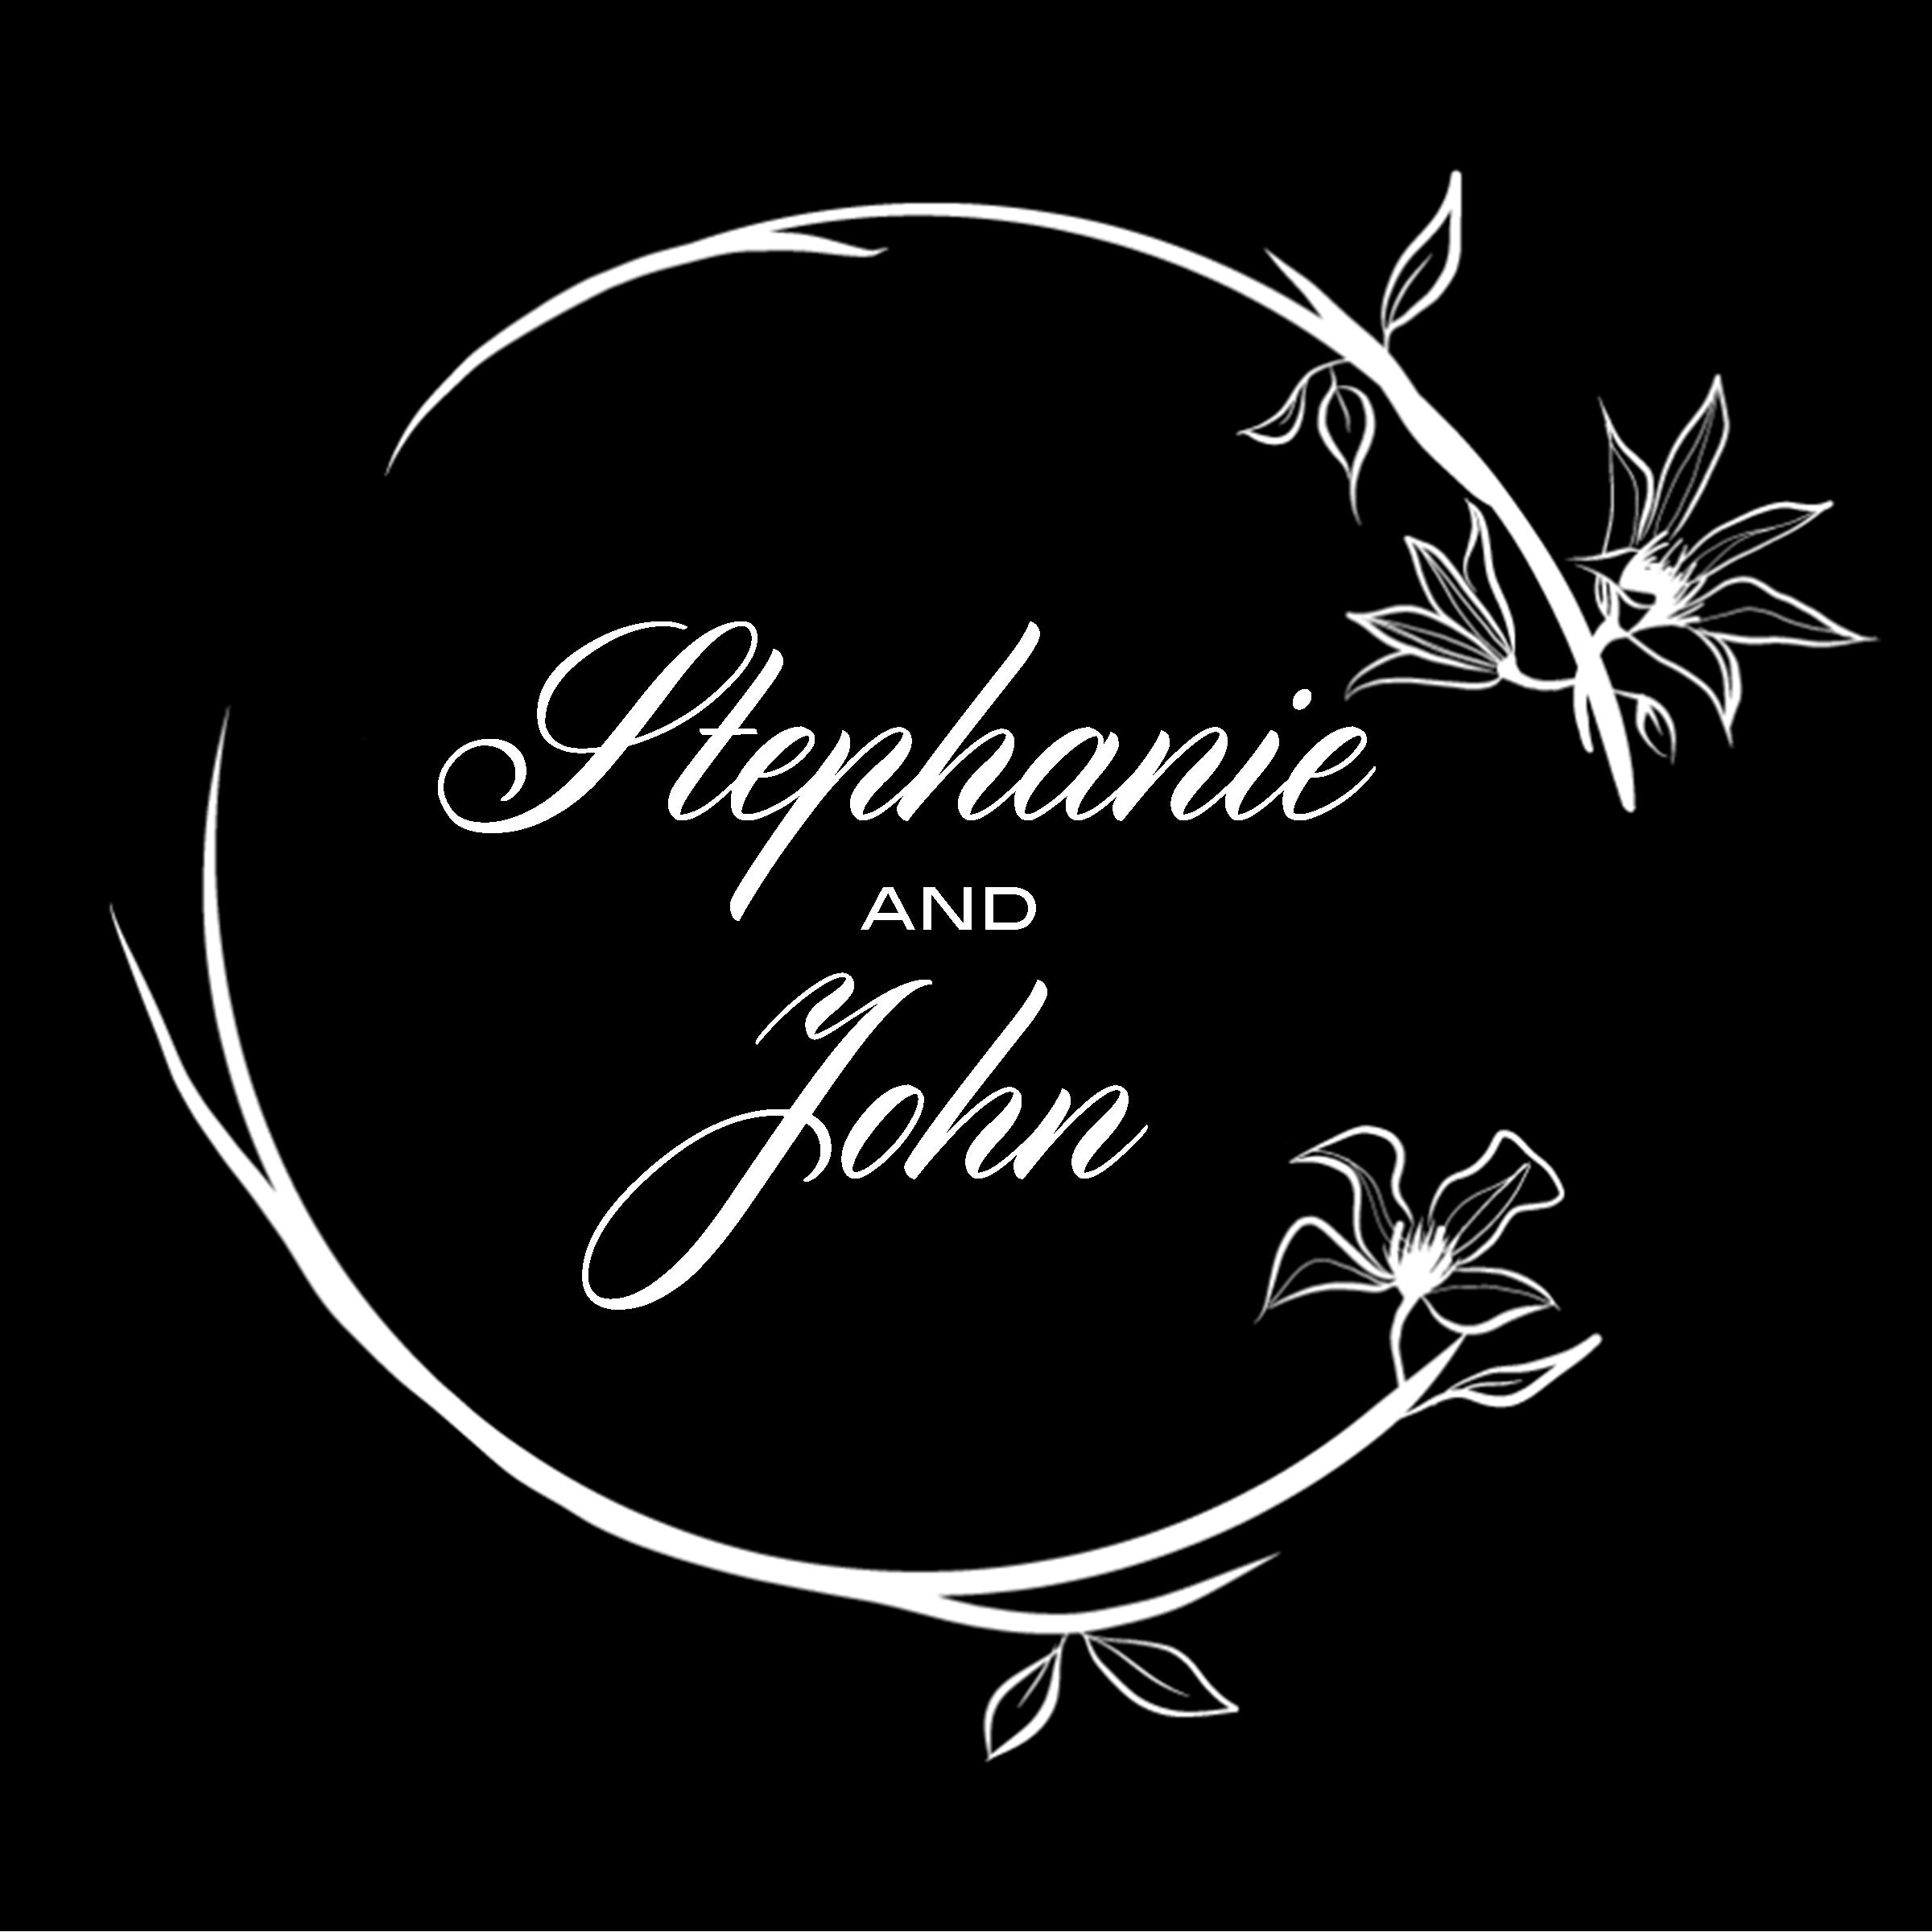 Stephanie John Projector.jpg